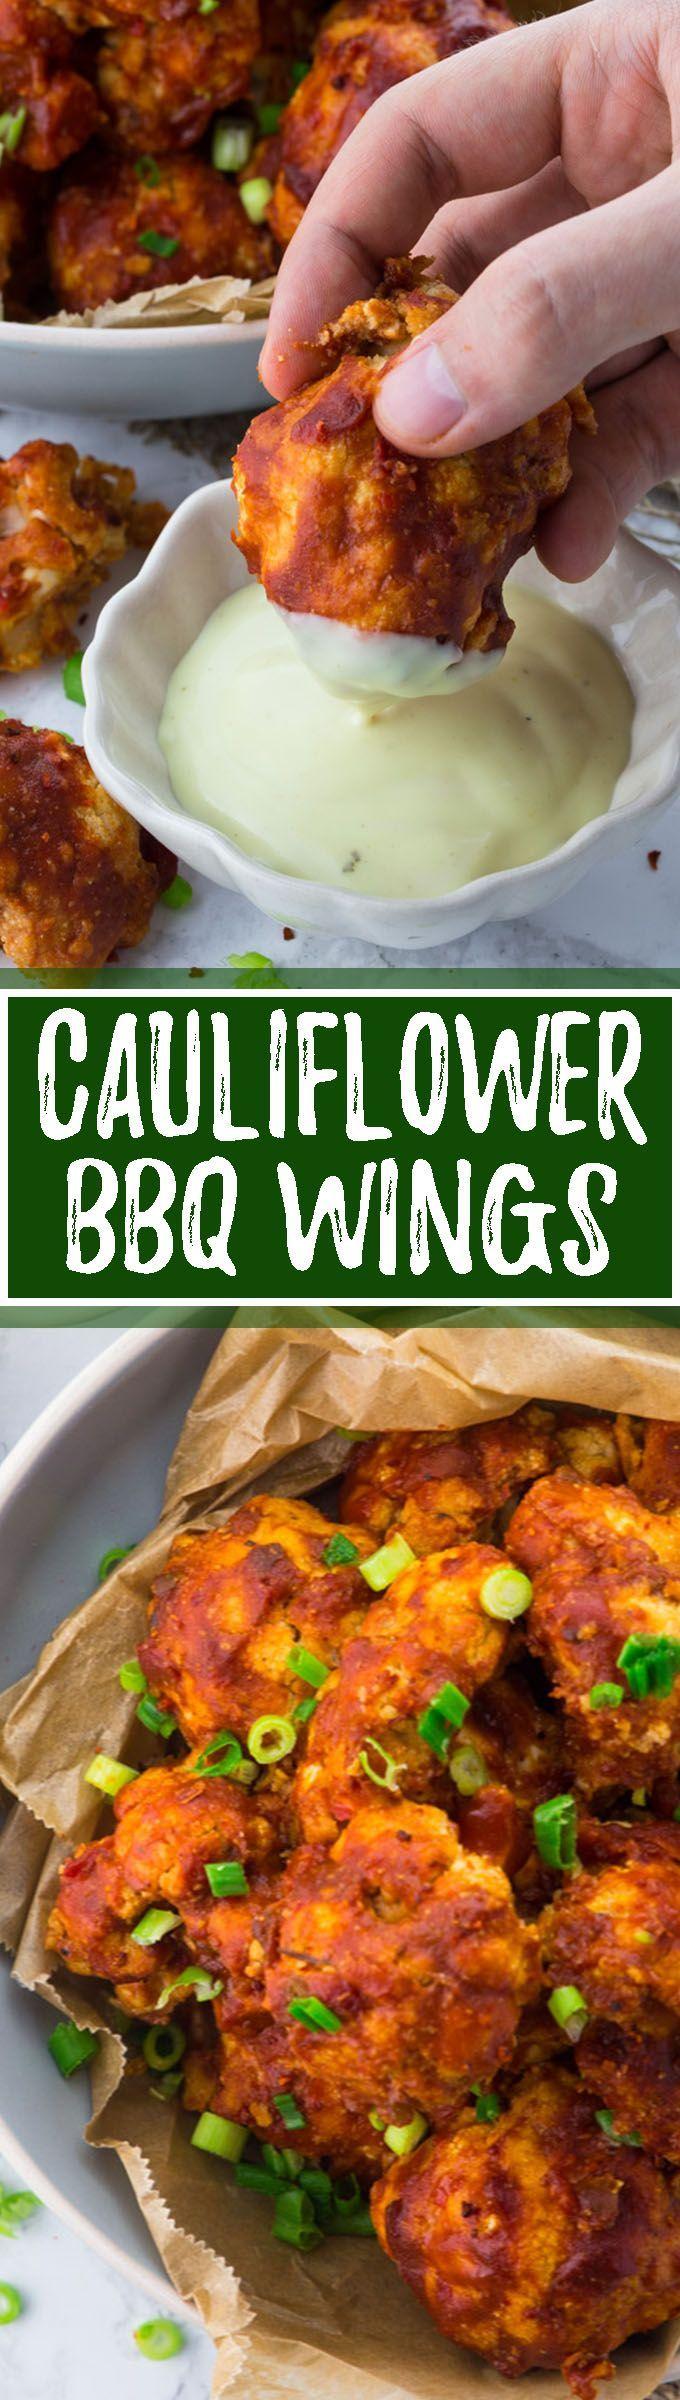 Vegane Chicken Wings aus Blumenkohl. Das perfekte Essen für einen gemütlichen Fernsehabend. Das typisch amerikanische Soul Food in veganer Variante! Vegane Rezepte können so einfach sein!